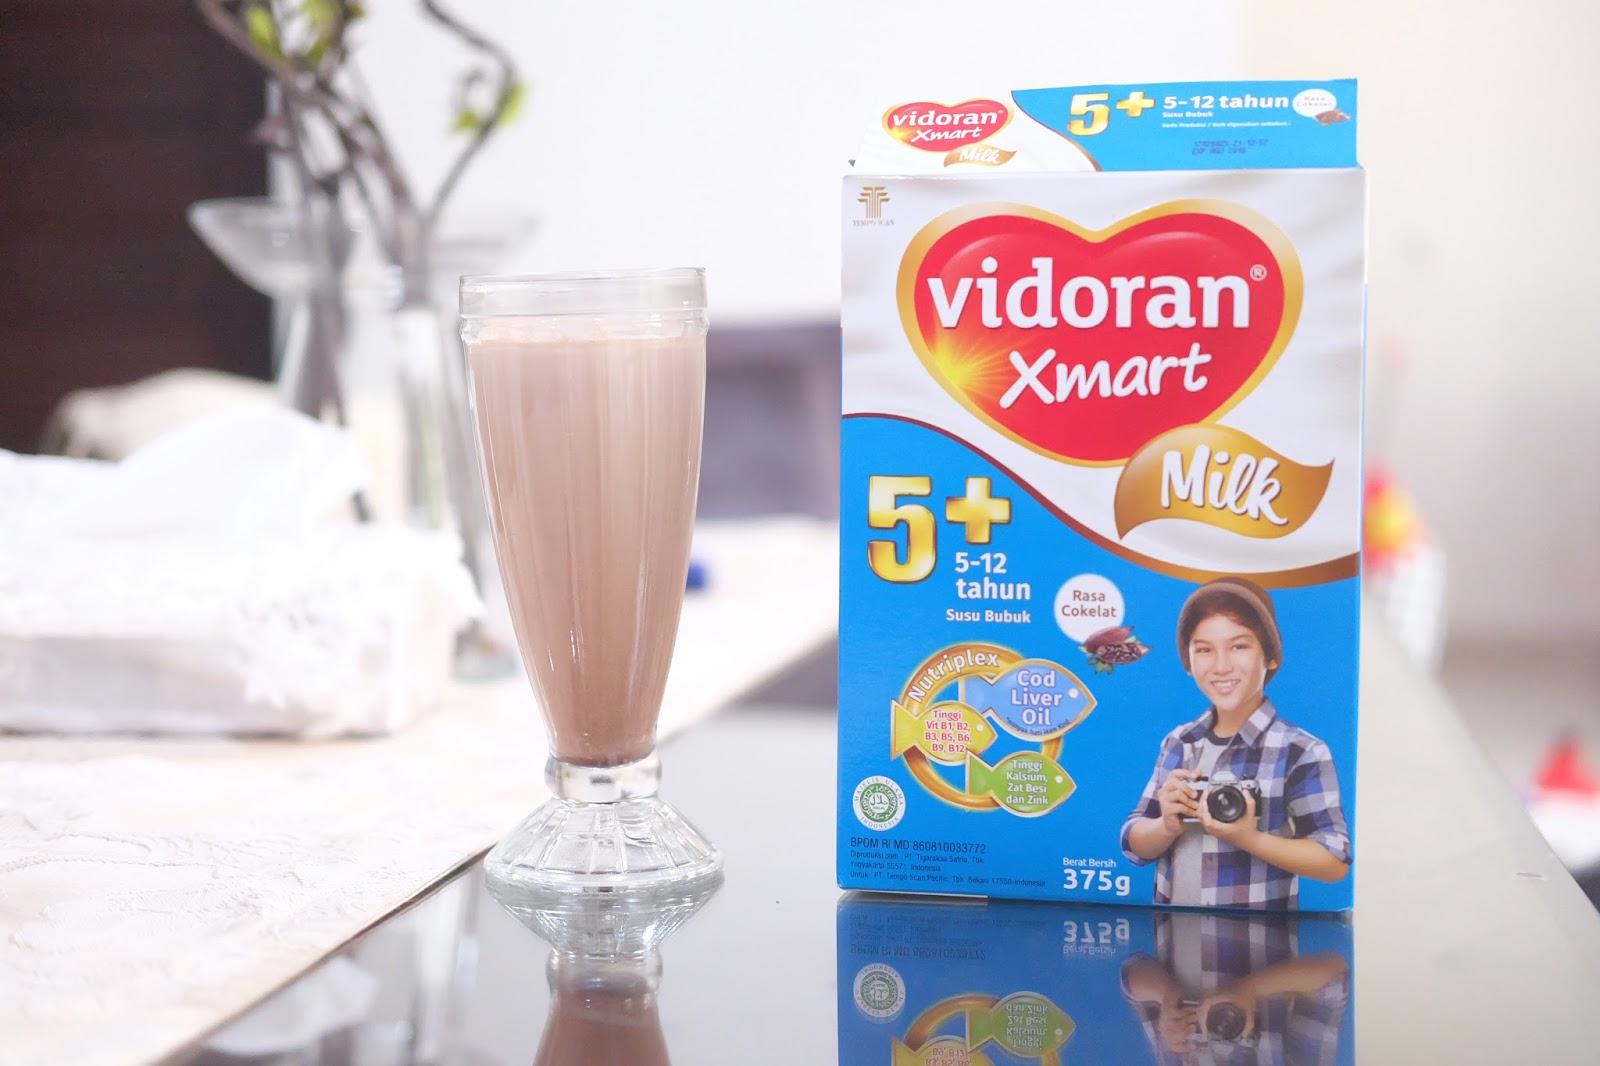 Cerita Mommy dan Ochan : vidoran Xmart 5+